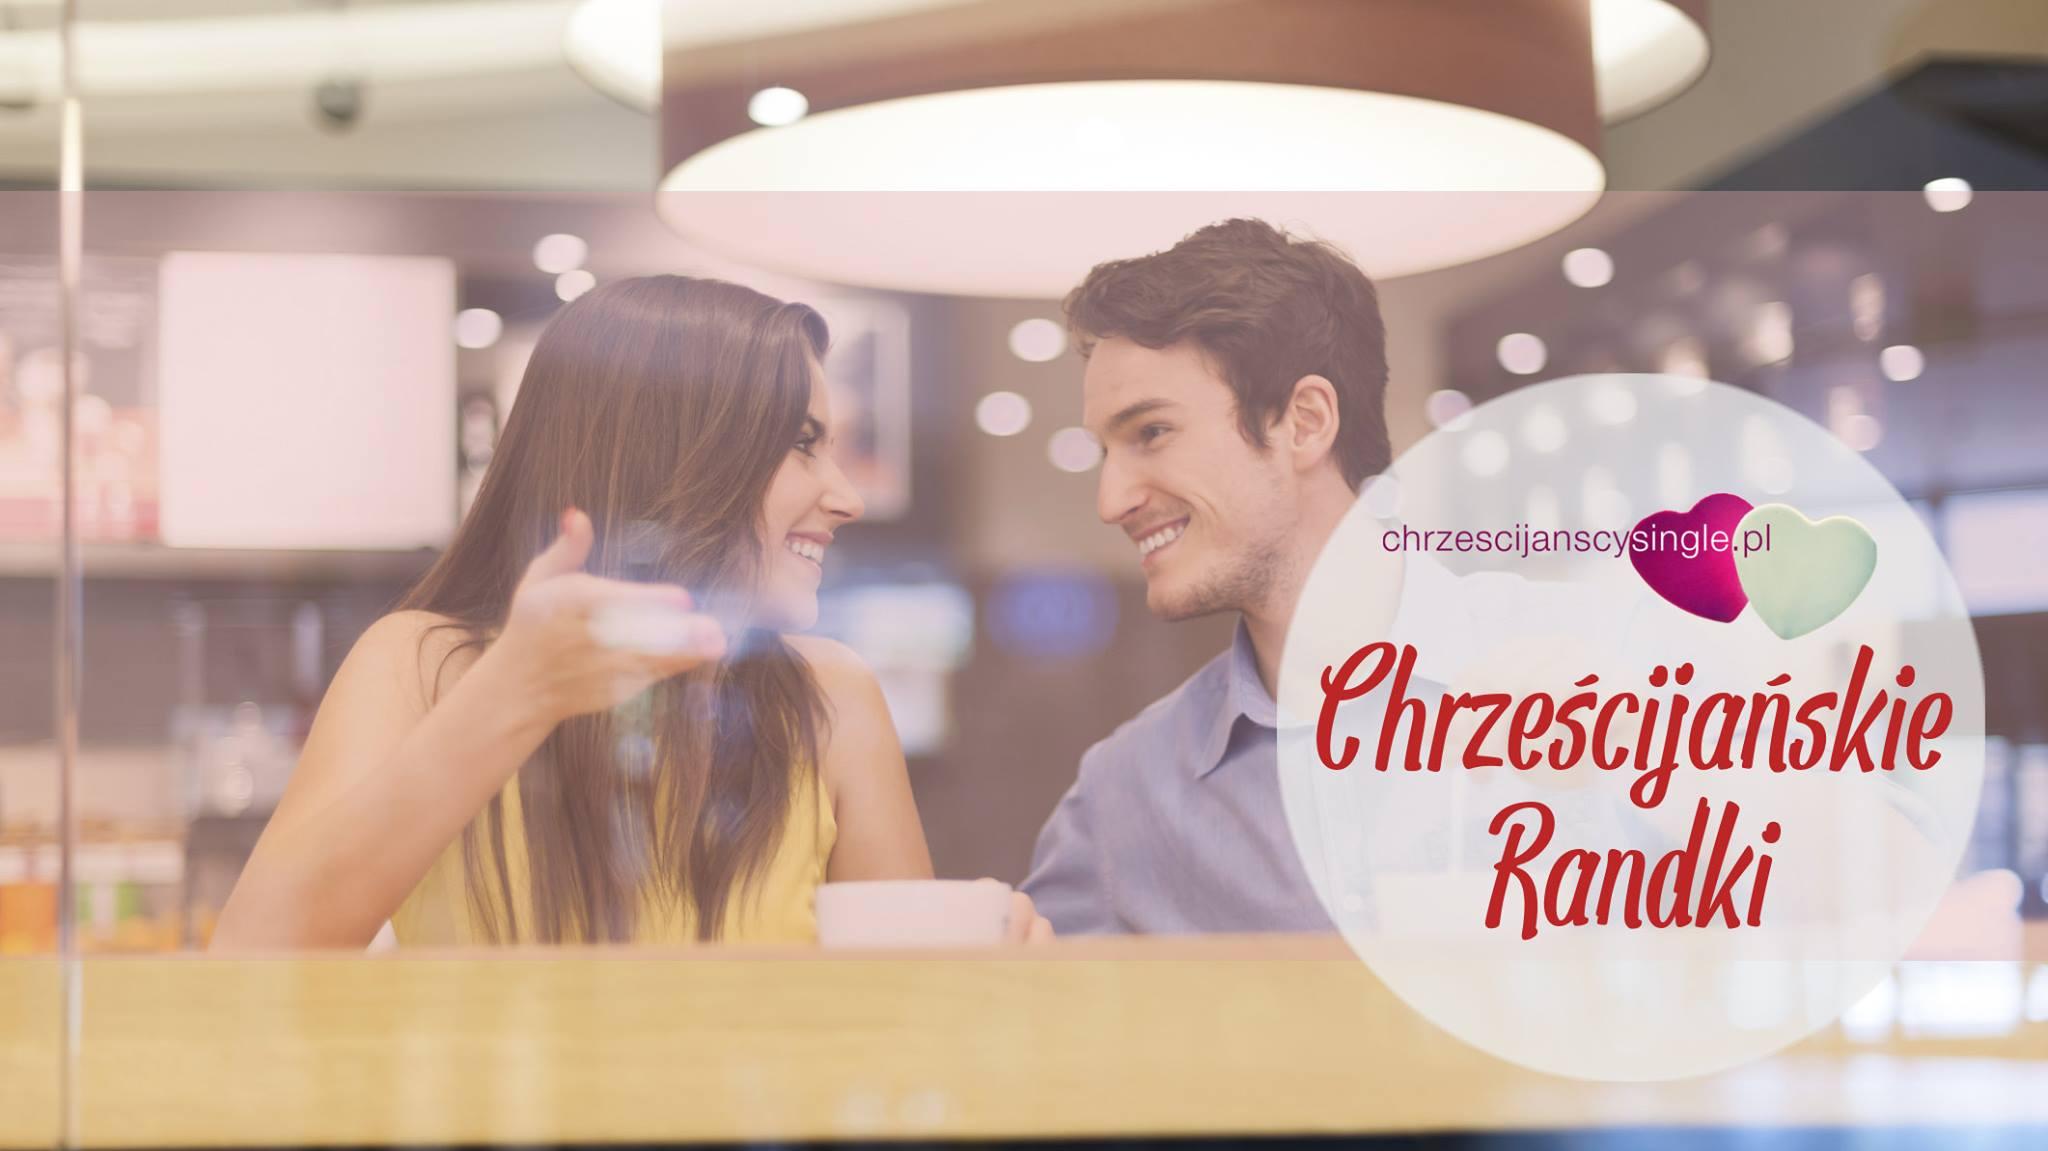 relacje chrześcijańskie i randki randkowe gry symulacyjne 18+